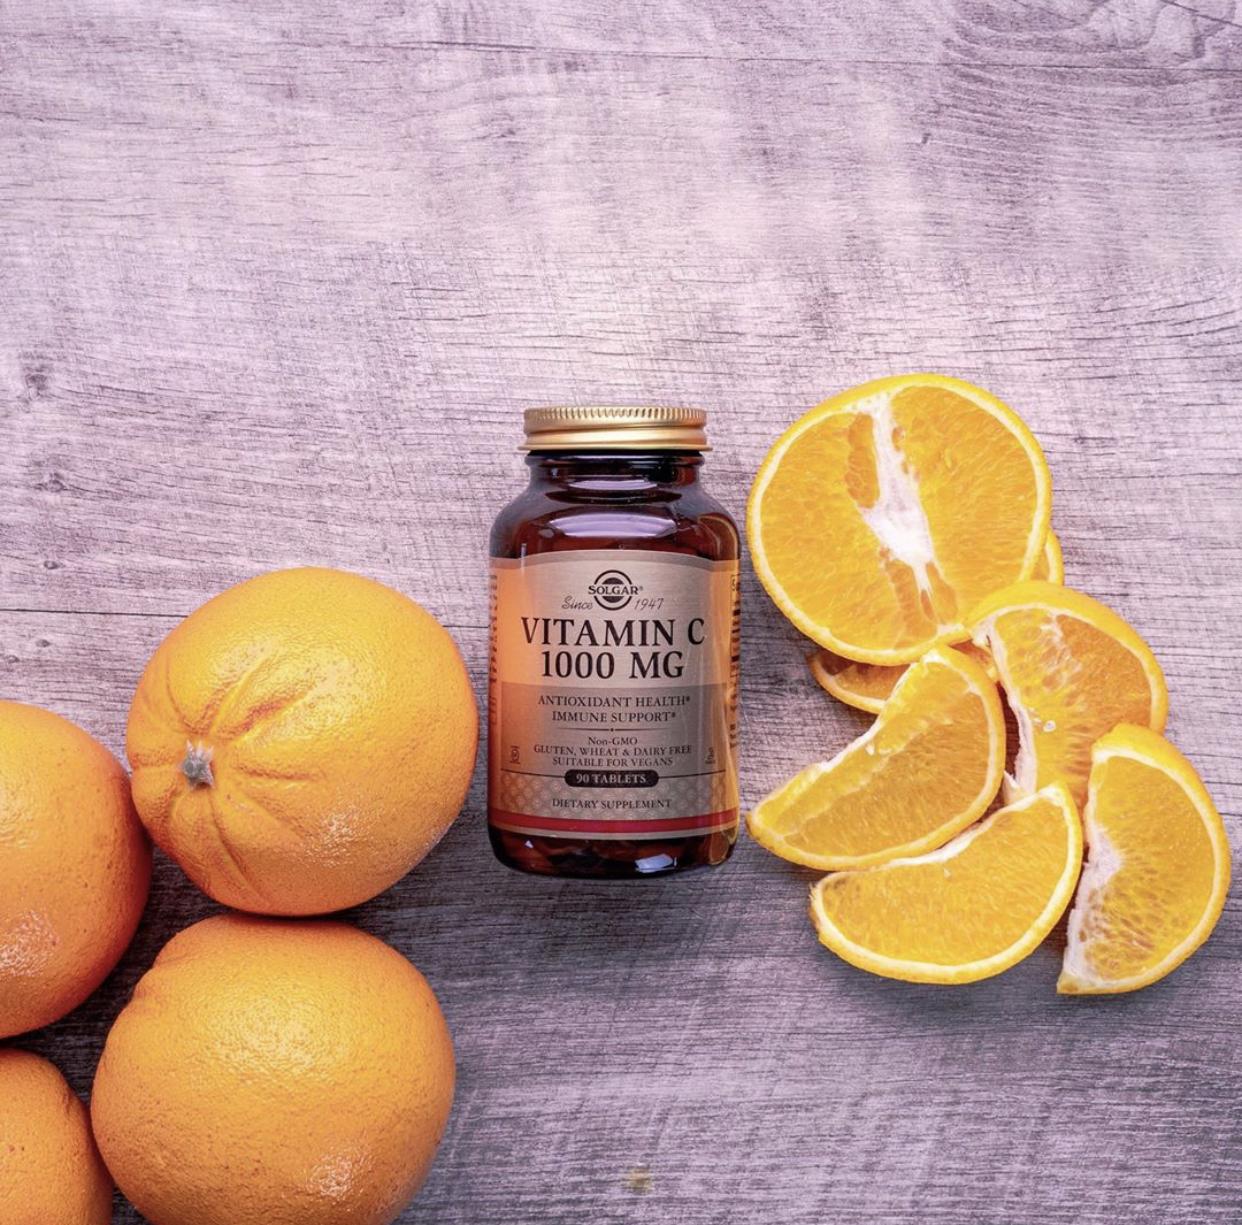 Protégete del COVID-19 por dentro y por fuera ¡con los mejores productos para tu salud!